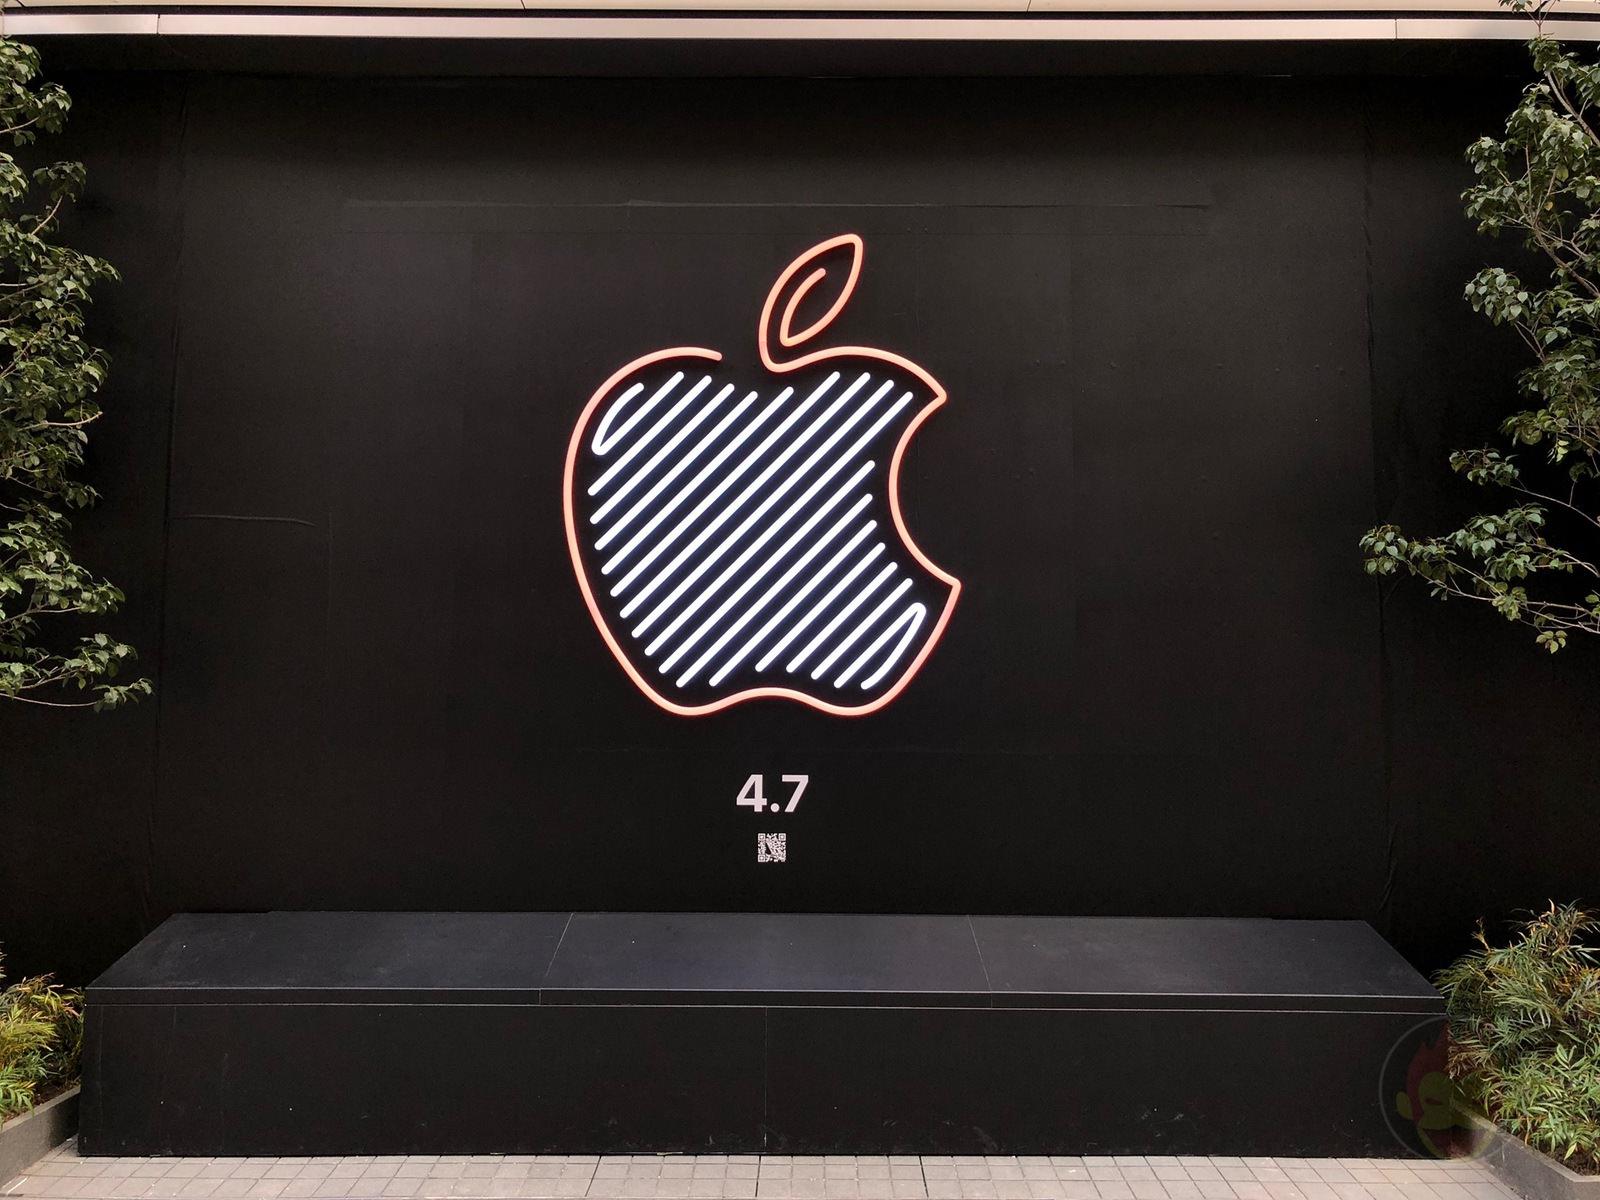 Apple-Shinjuku-During-the-Day-11.jpg